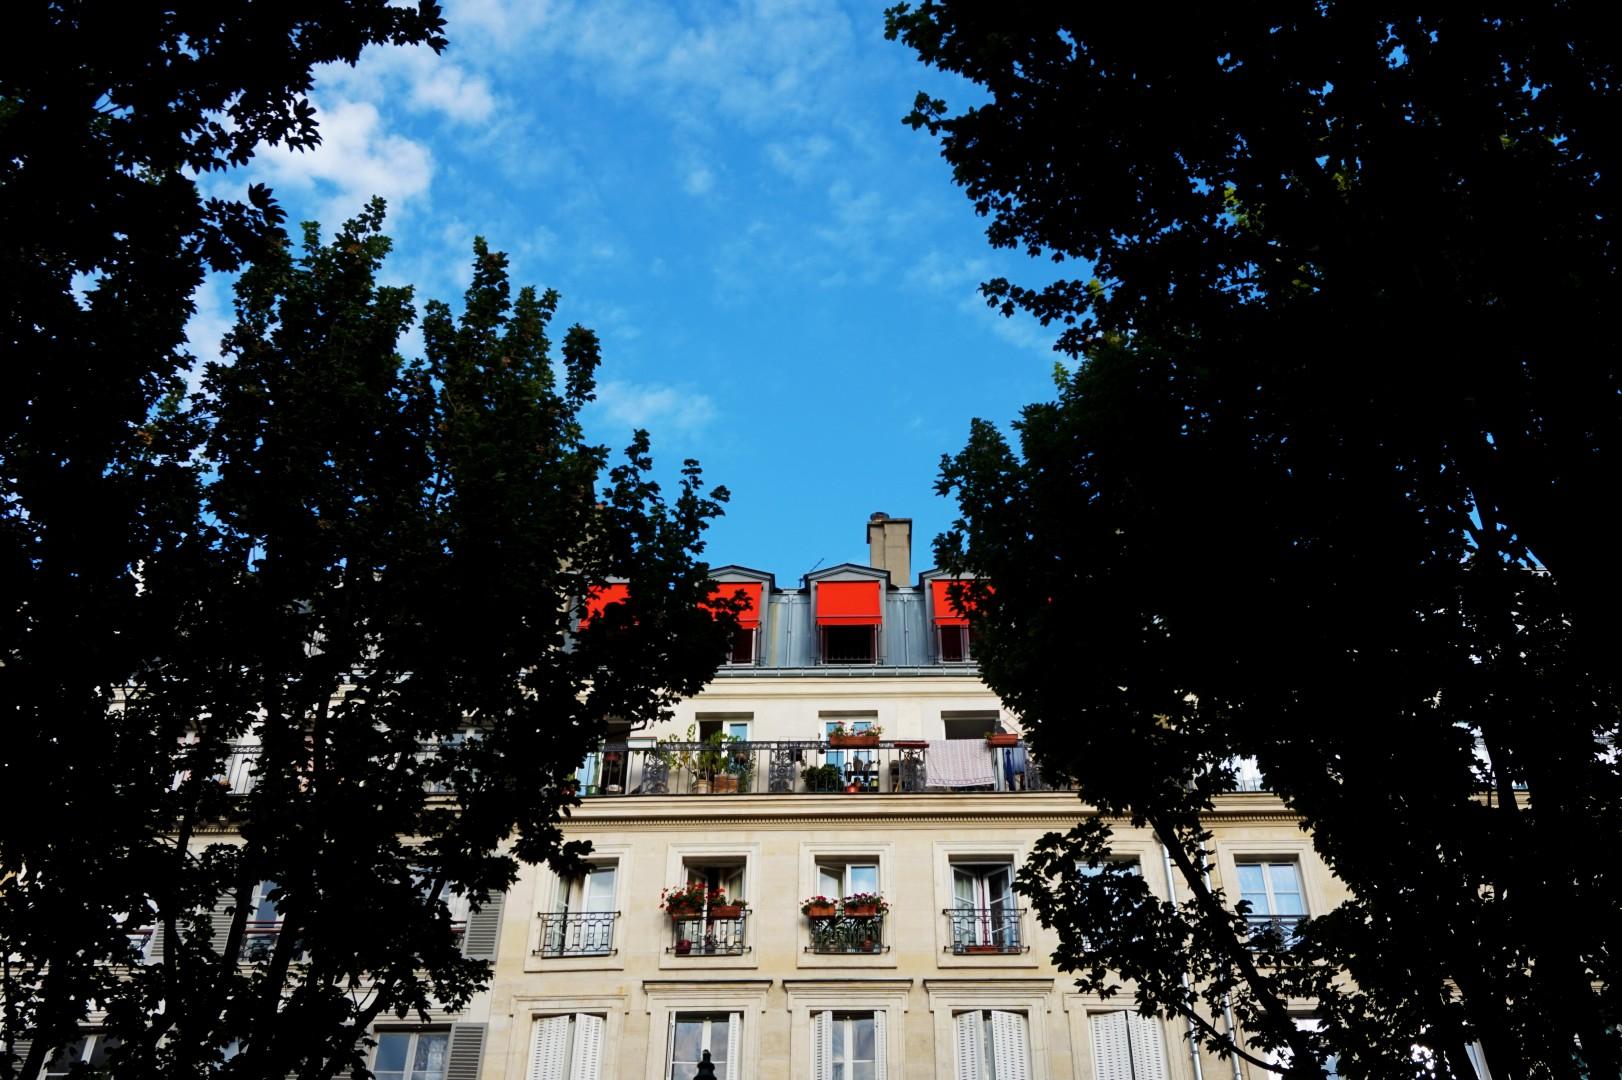 Balade dans le 9e - De Pigalle à Cadet - La Cité de Trévisse